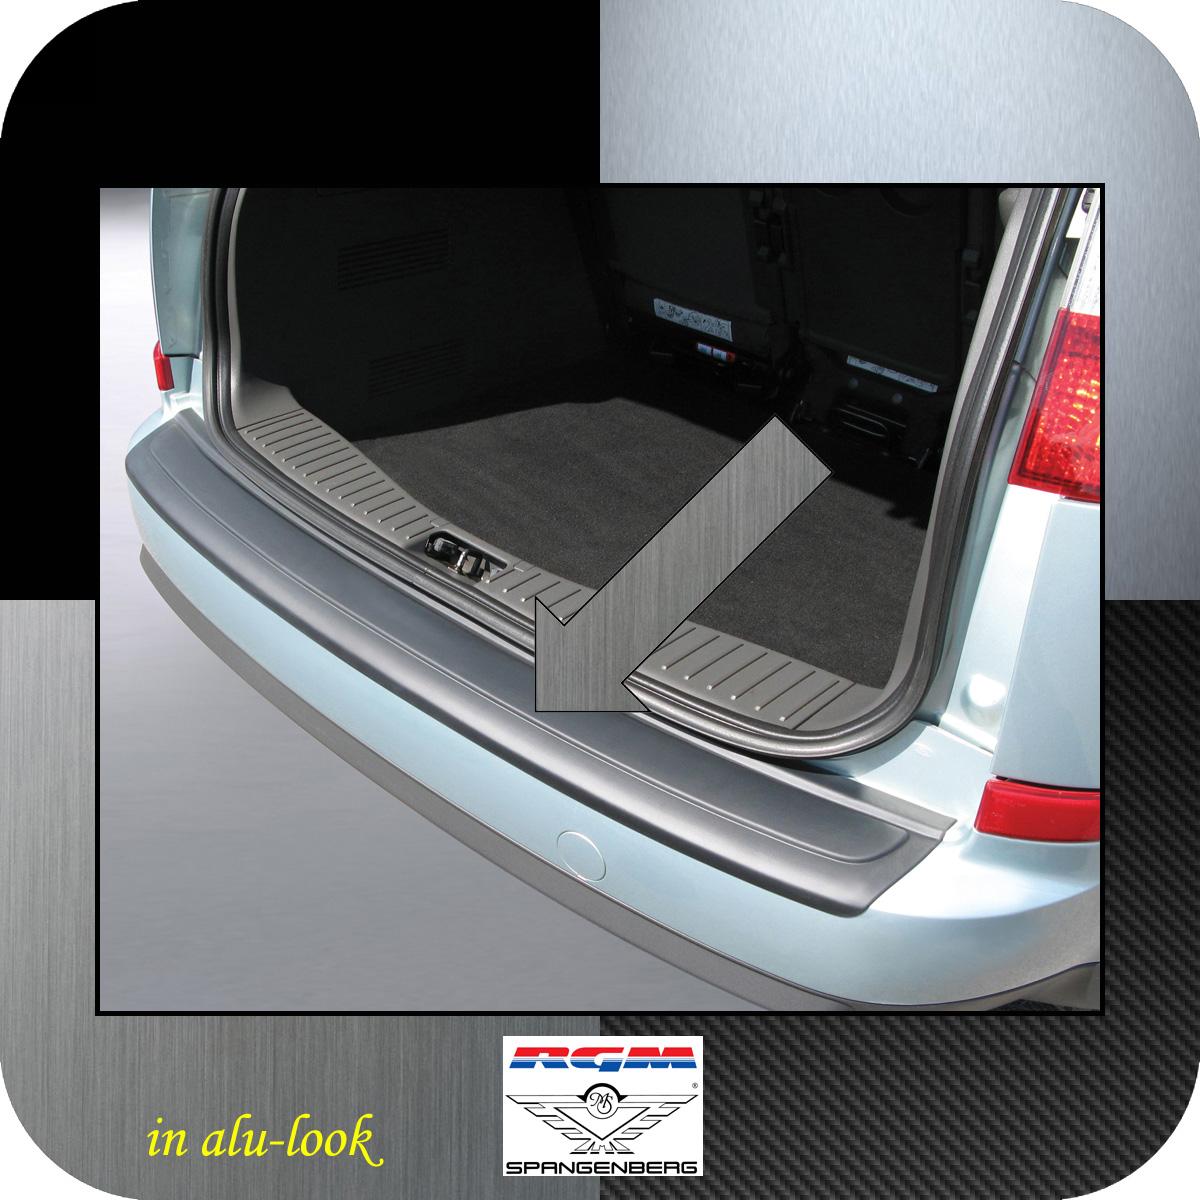 Ladekantenschutz Alu-Look Ford C-MAX I Van Kombi ab facelift 2007-10 3504175